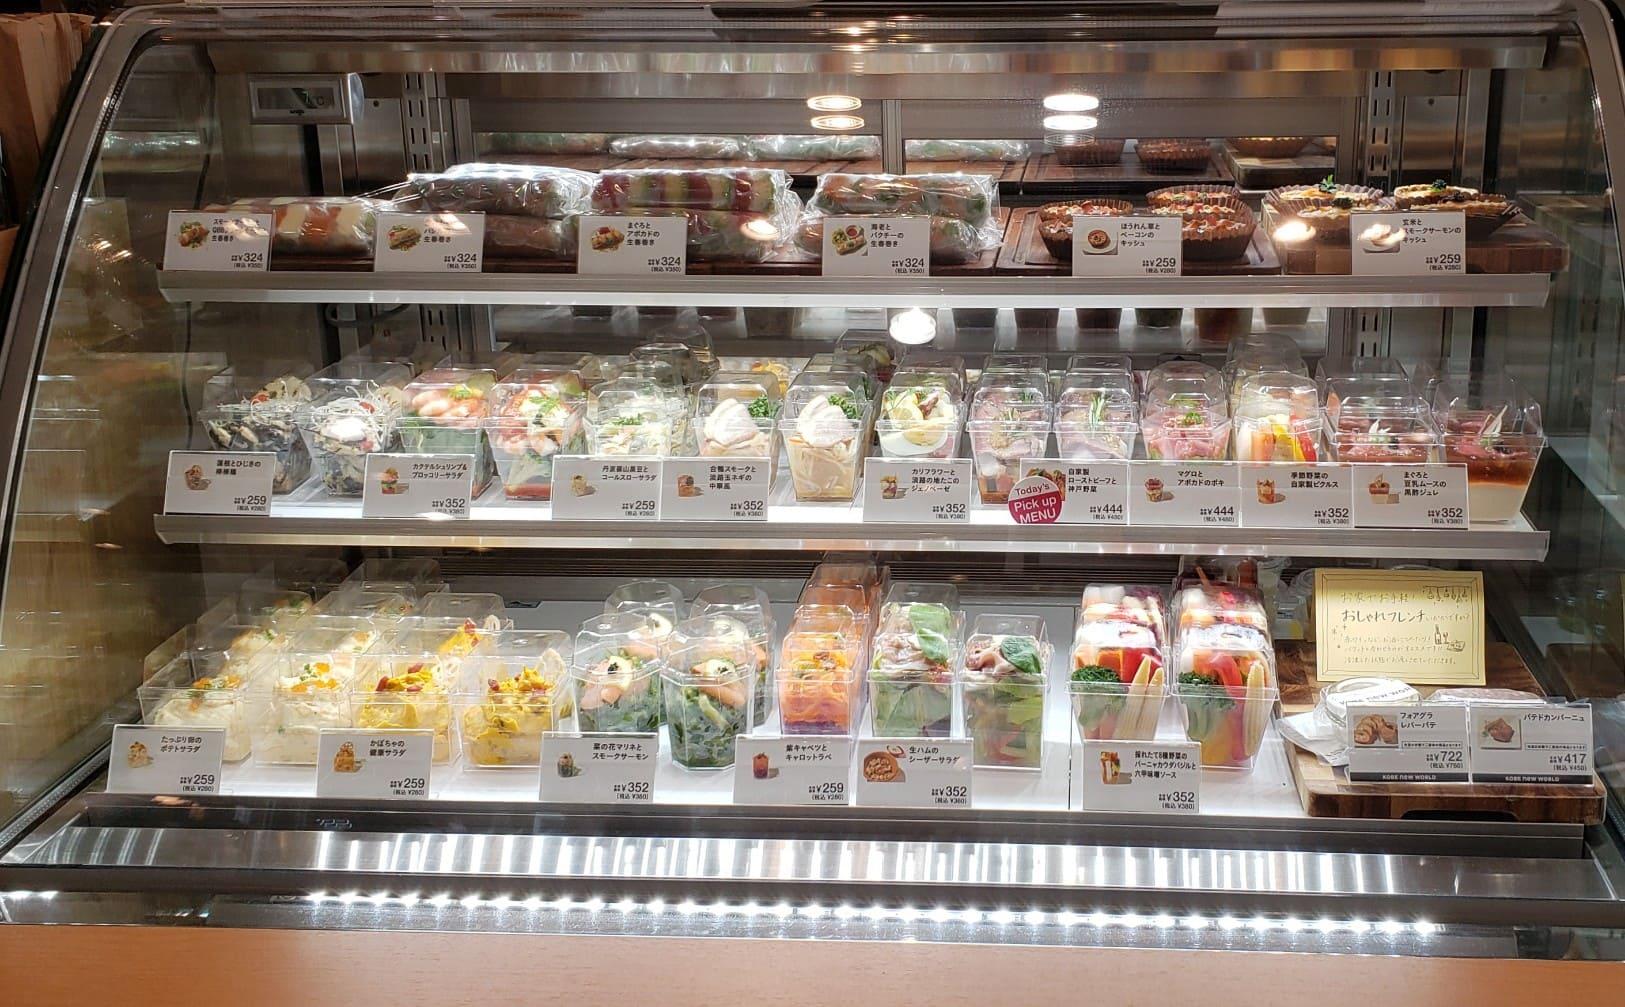 テイクアウト用の生春巻き、まぐろとアボガドポキ、自家製ローストビーフと神戸野菜、などなど、新鮮なサラダが並ぶショーケースです。